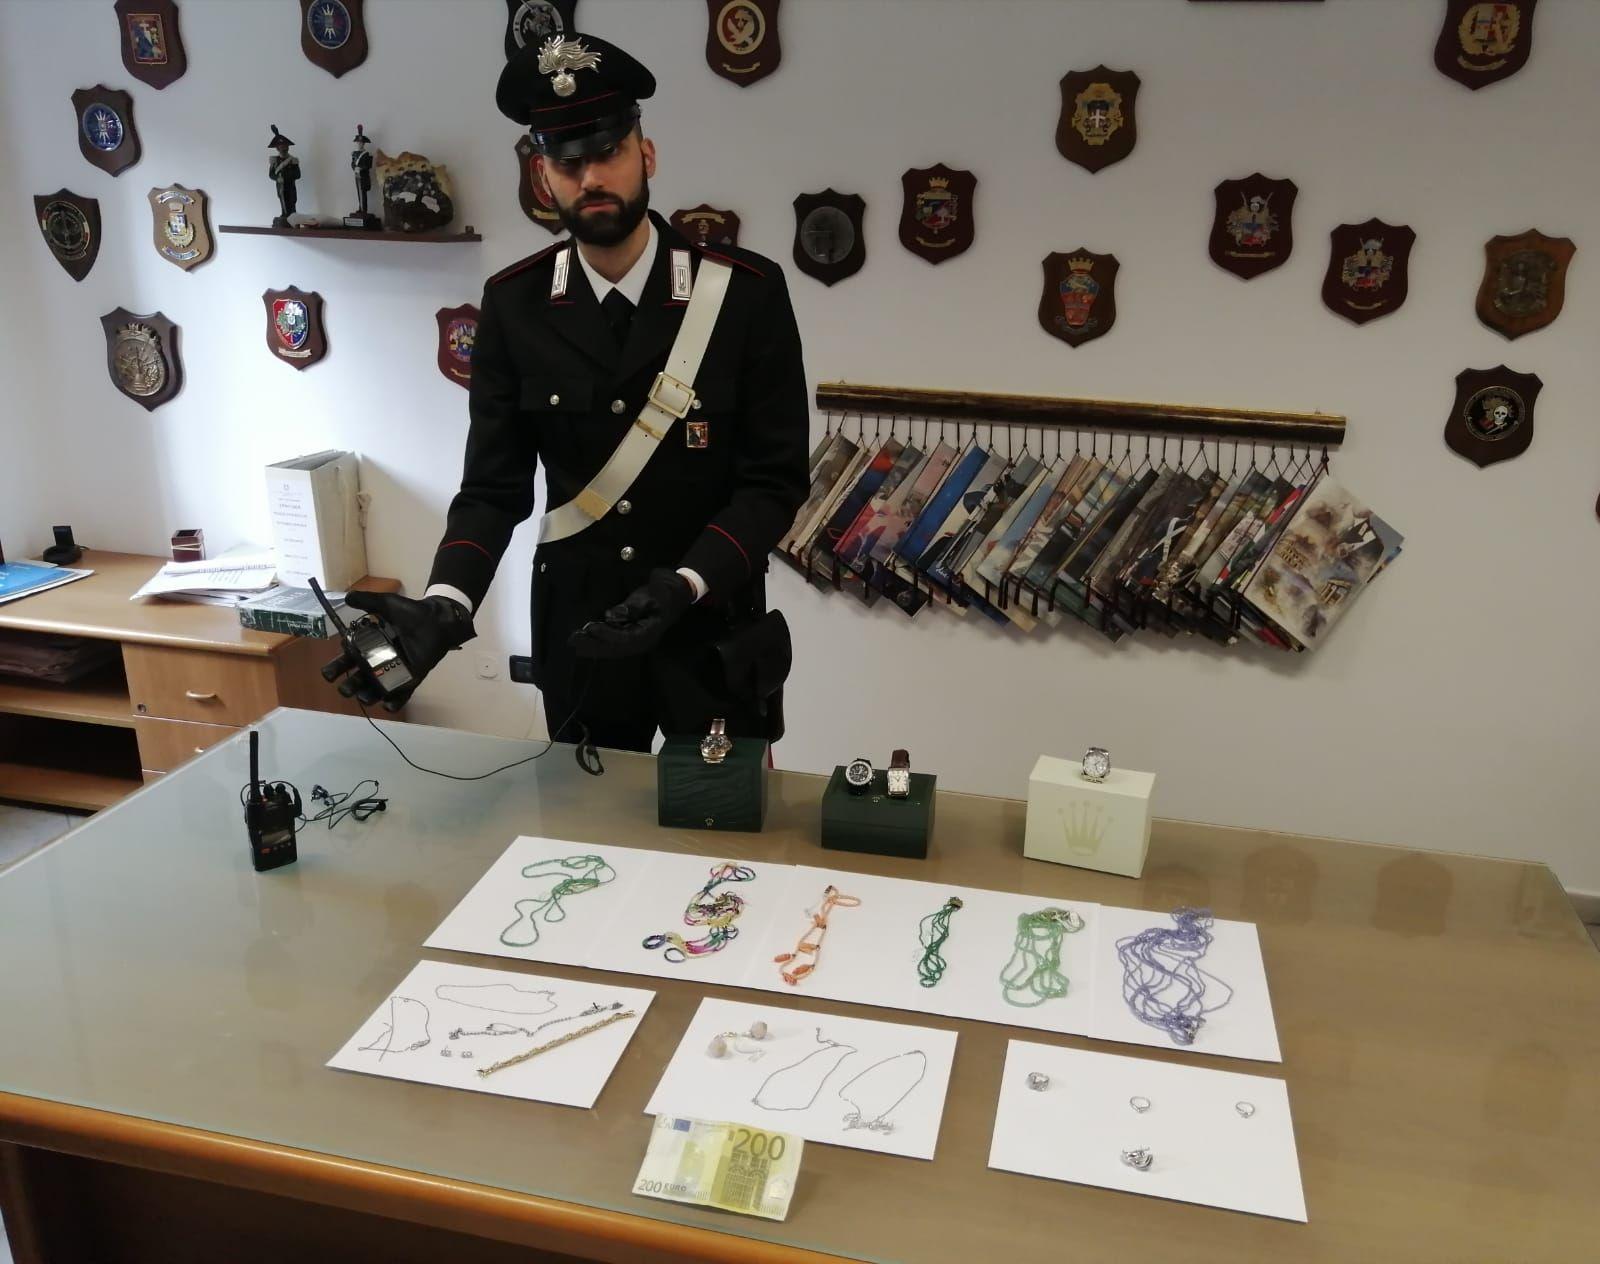 LEINI - Furti e truffe: i carabinieri recuperano Rolex al campo nomadi - QC QuotidianoCanavese